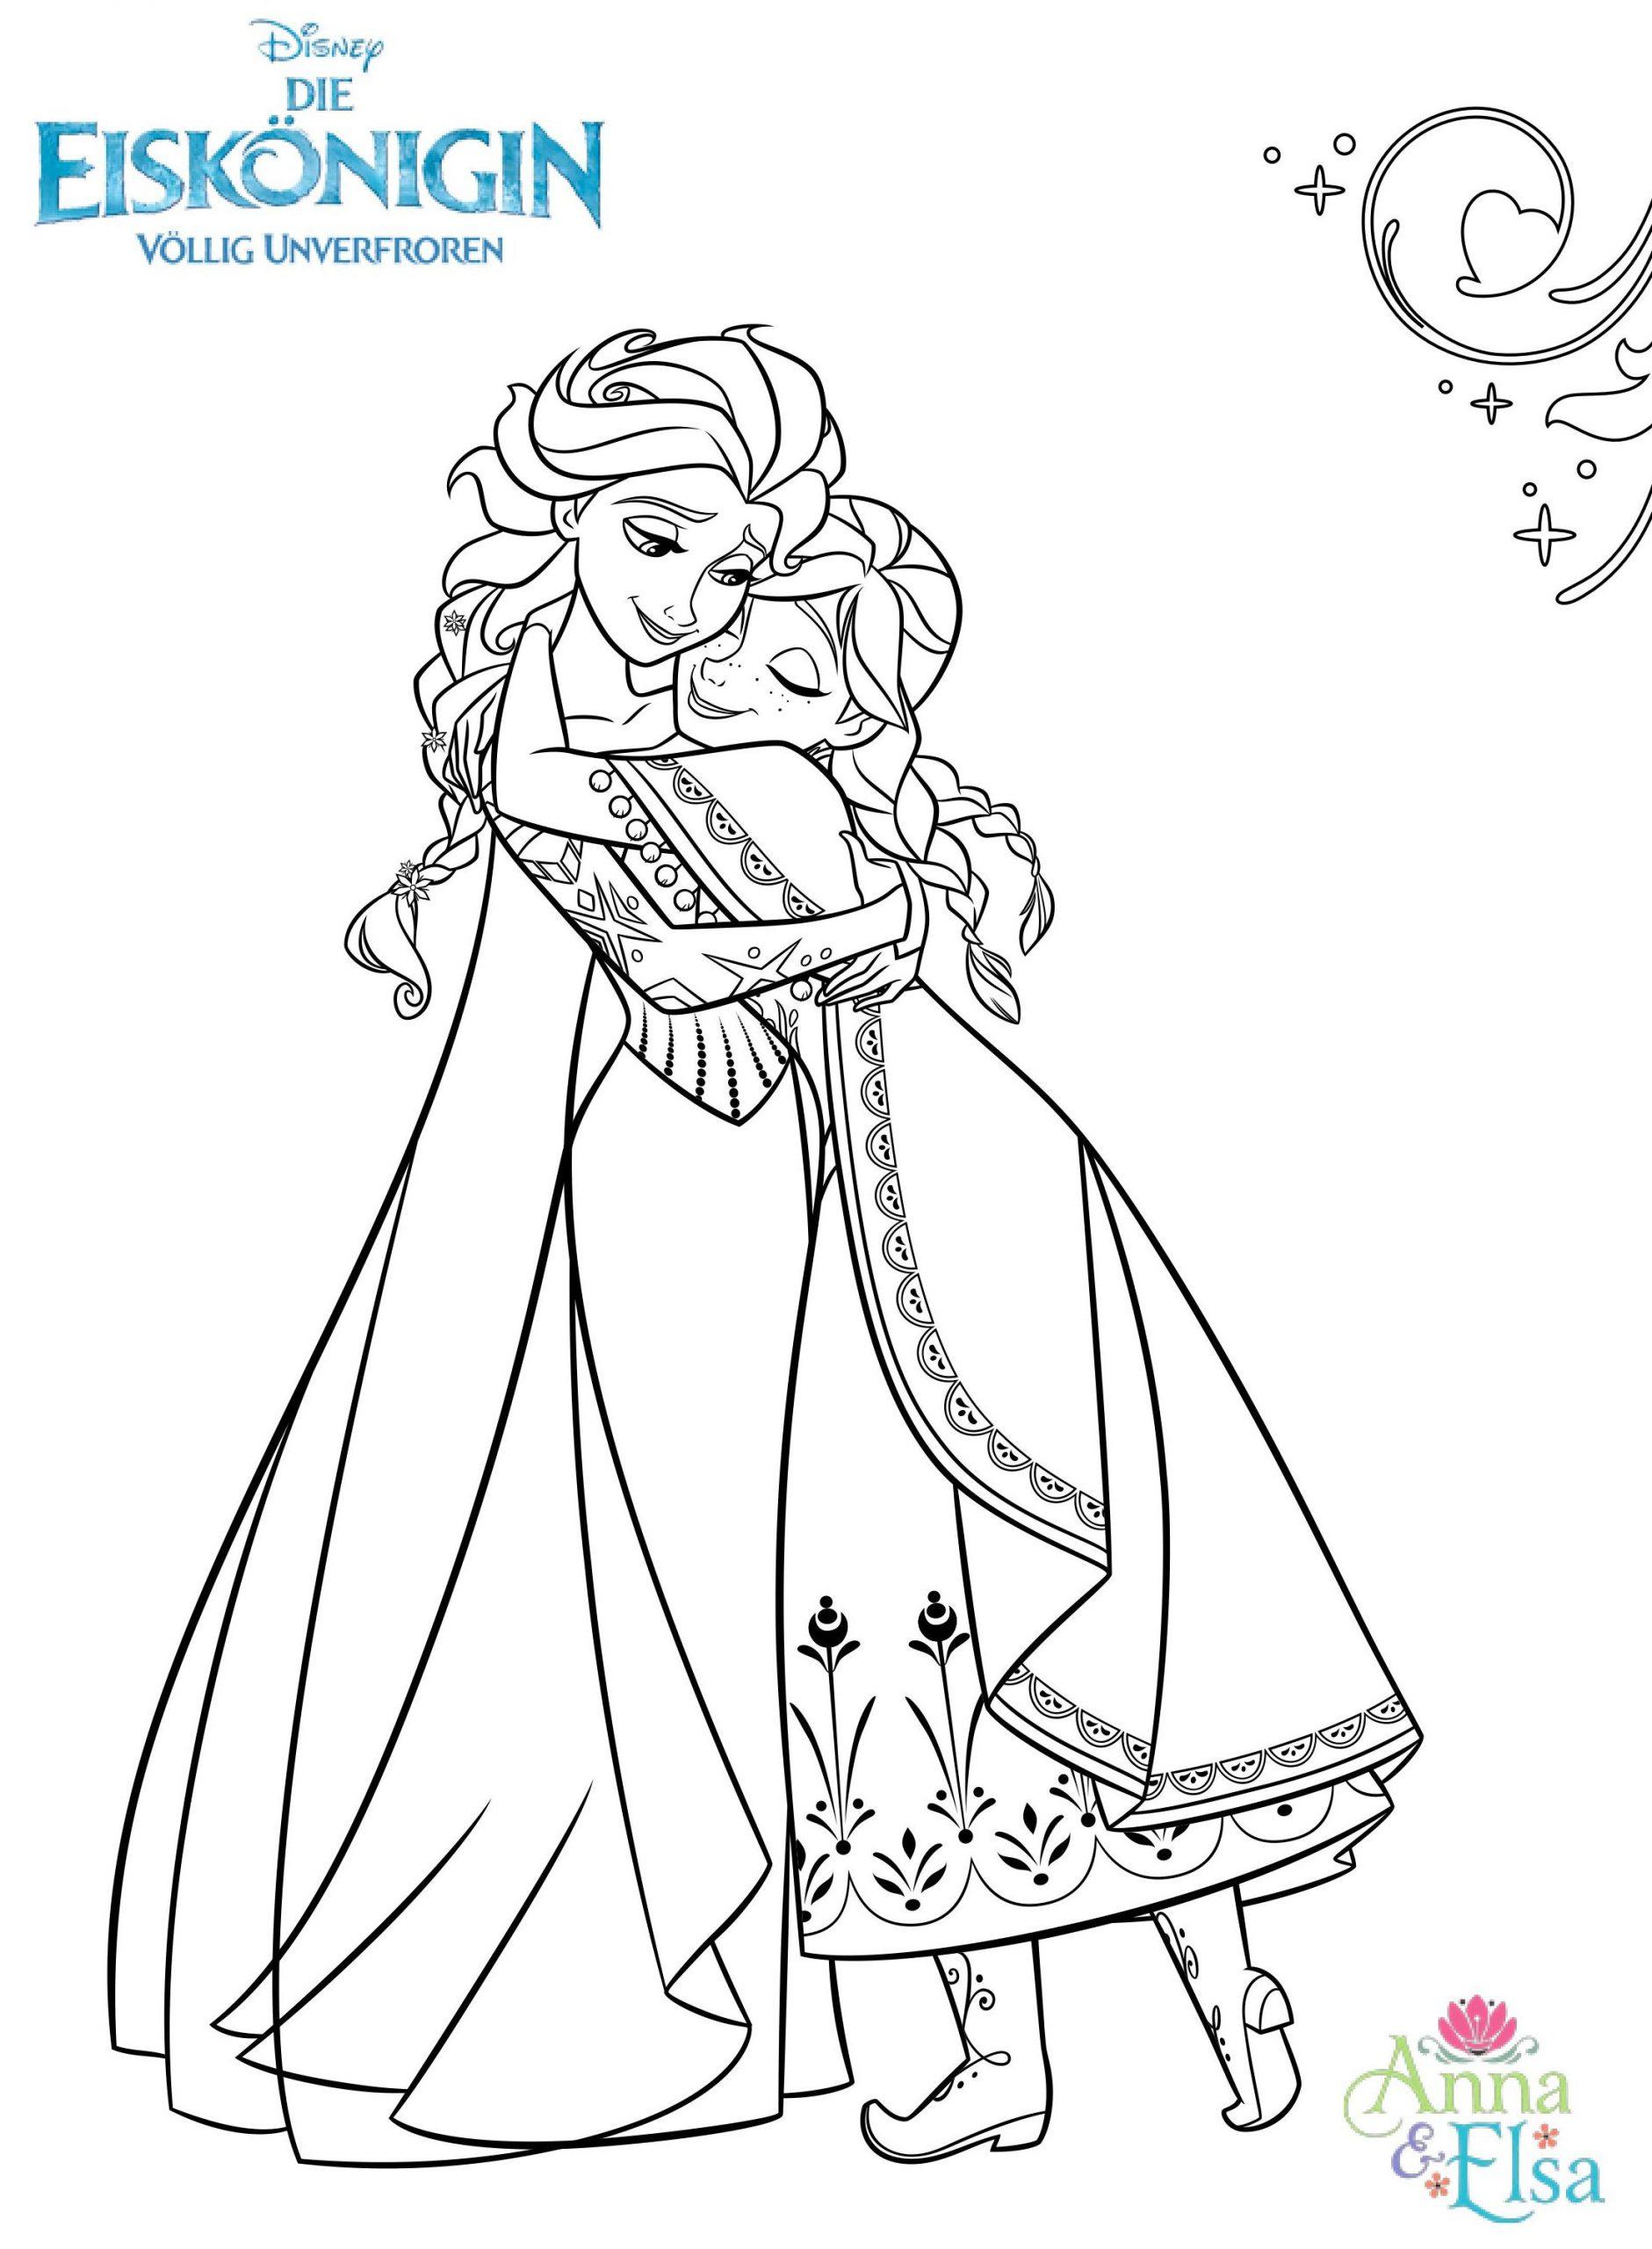 Anna Und Elsa Bilder Zum Ausdrucken Kostenlos über Anna Und Elsa Ausmalbilder